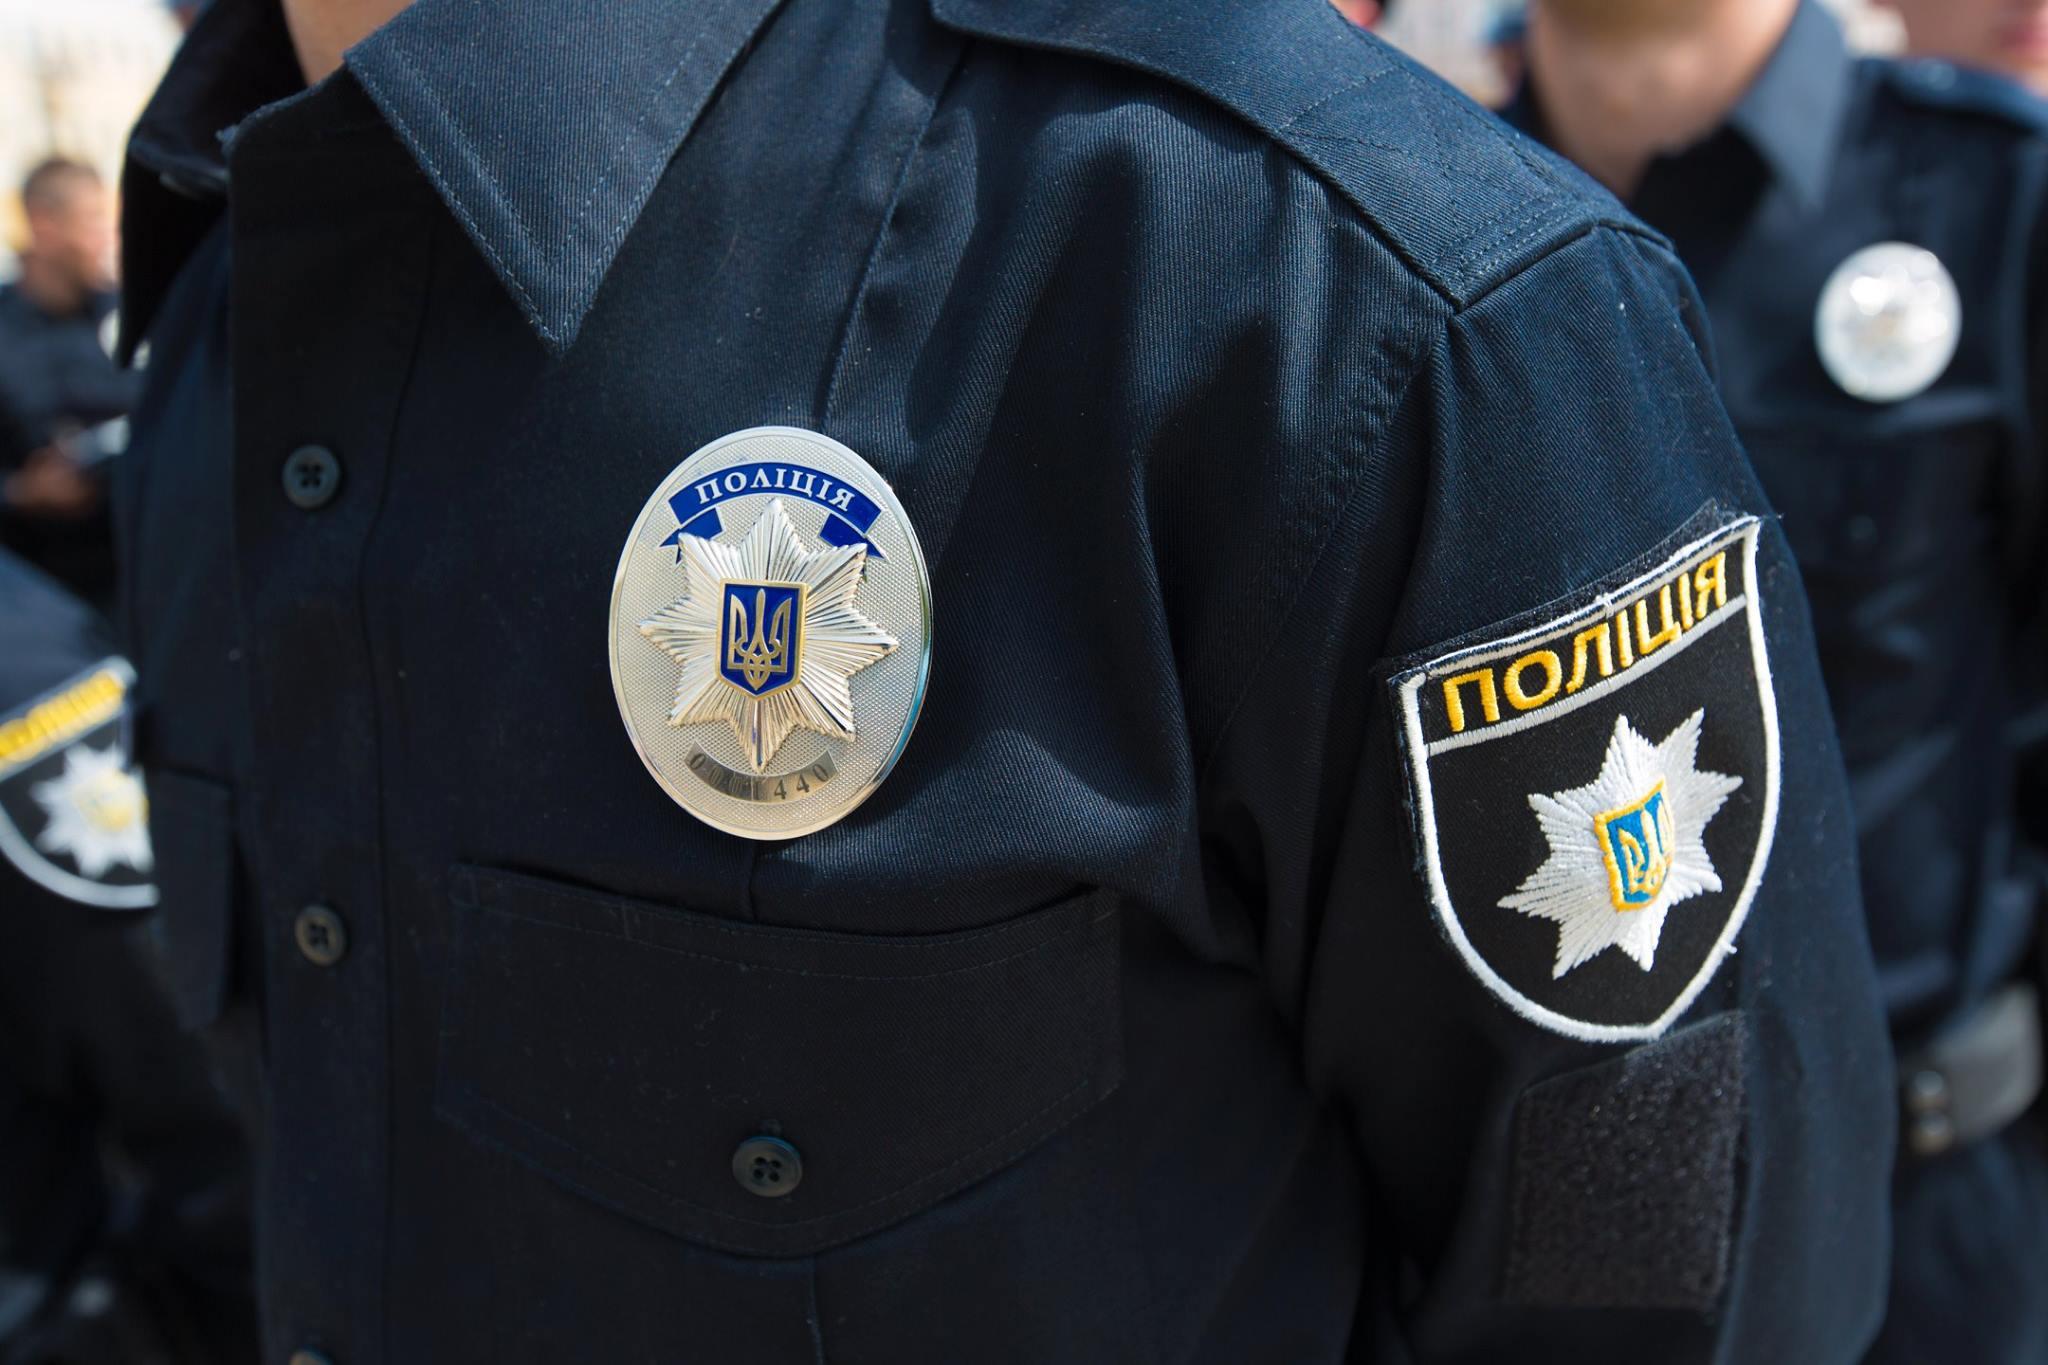 «Уберите камеру»: во Львове полицейского отдали под суд за попытку зафиксировать преступление на видео